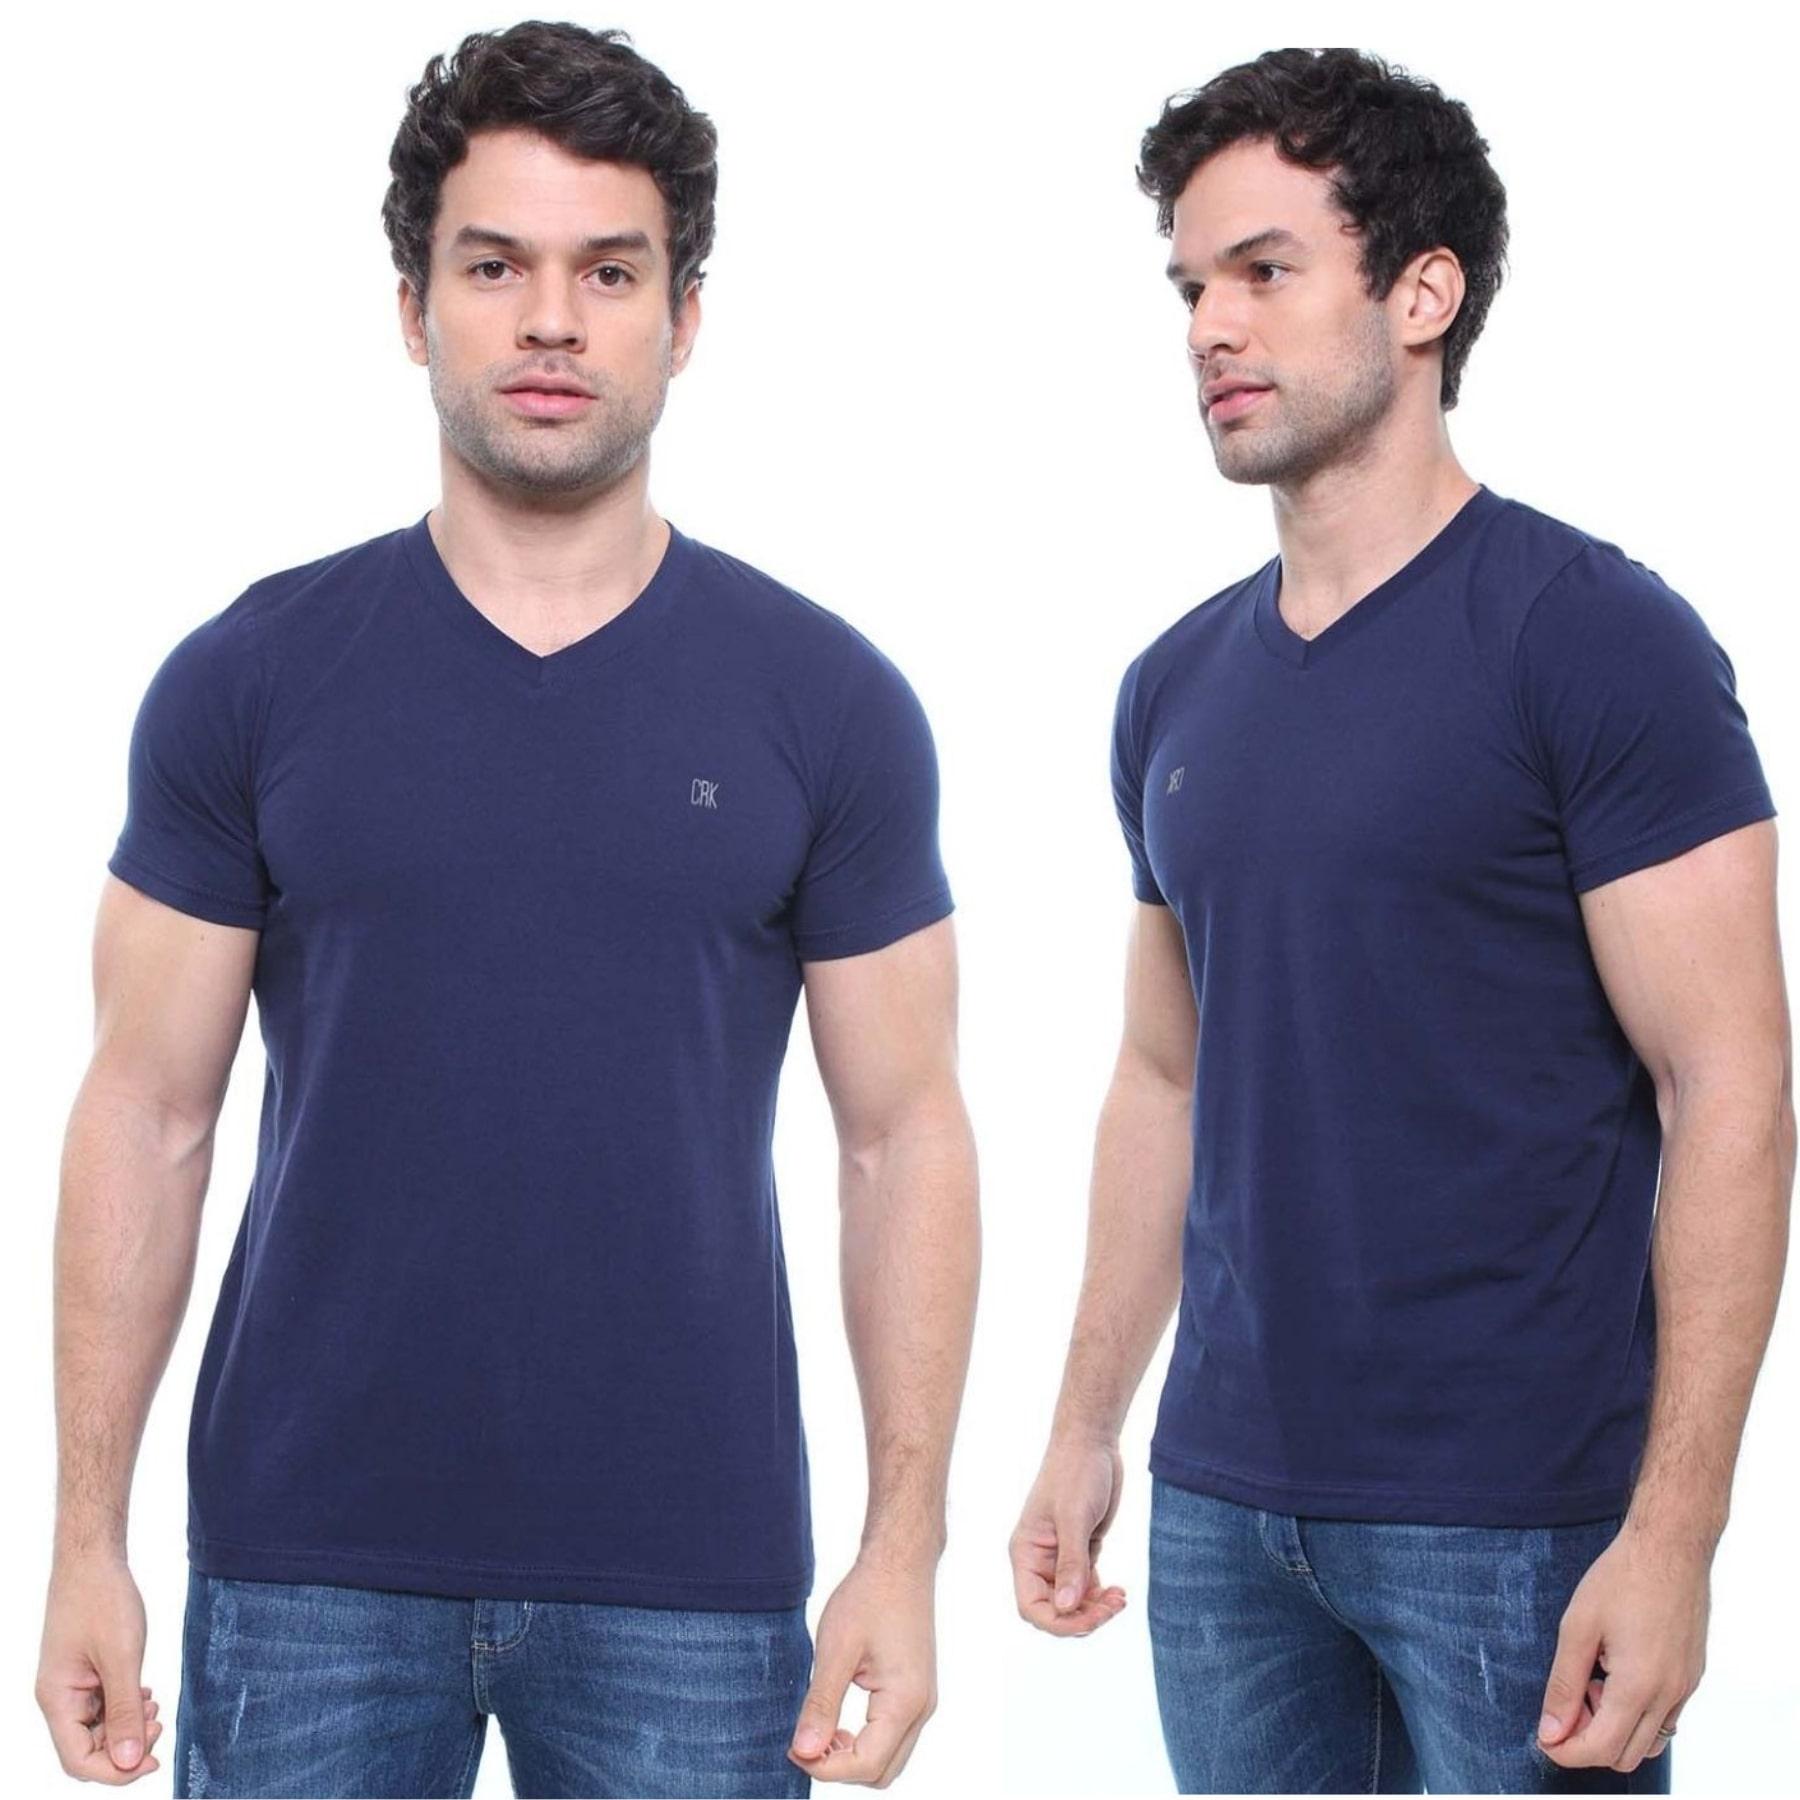 Camiseta Masculina Com Bordado Boy Look Cor Marinho Noite